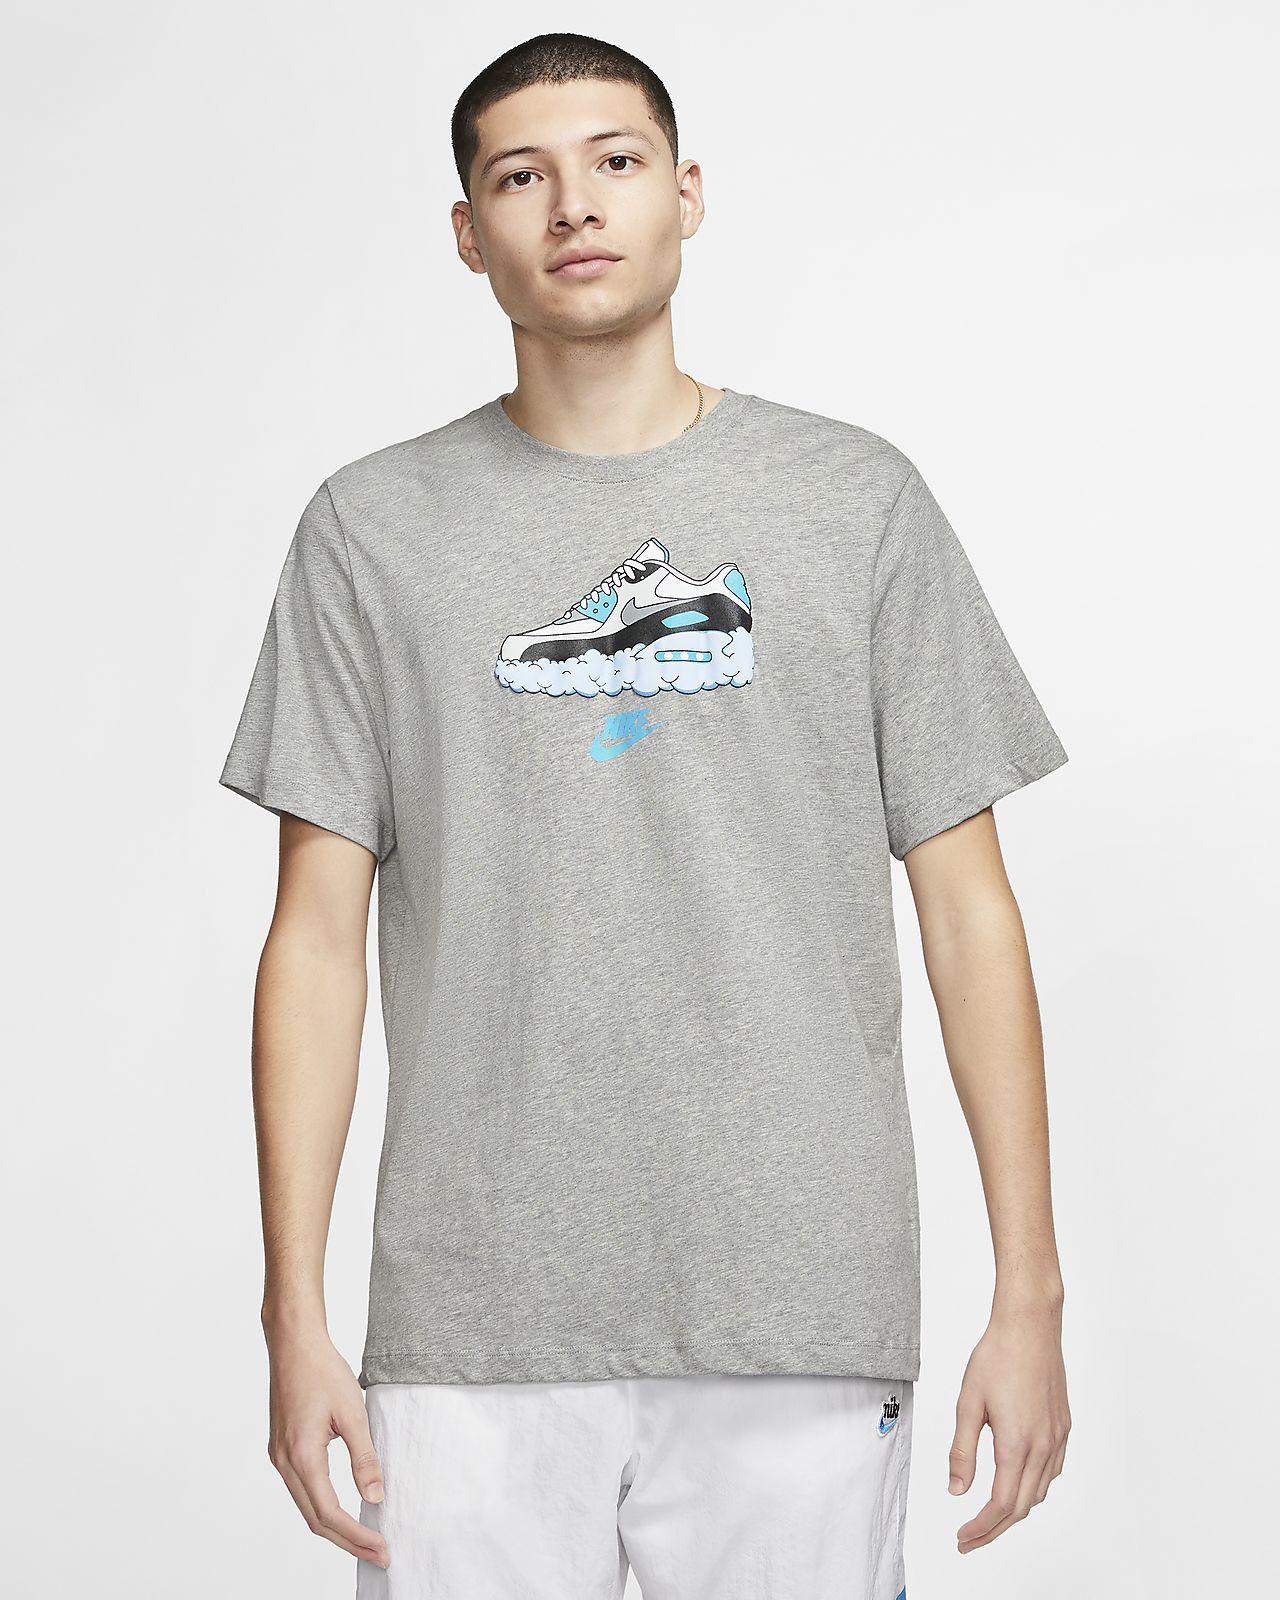 Nike Air Max 90 T shirt Apparel Men's,Nike Apparel Men's